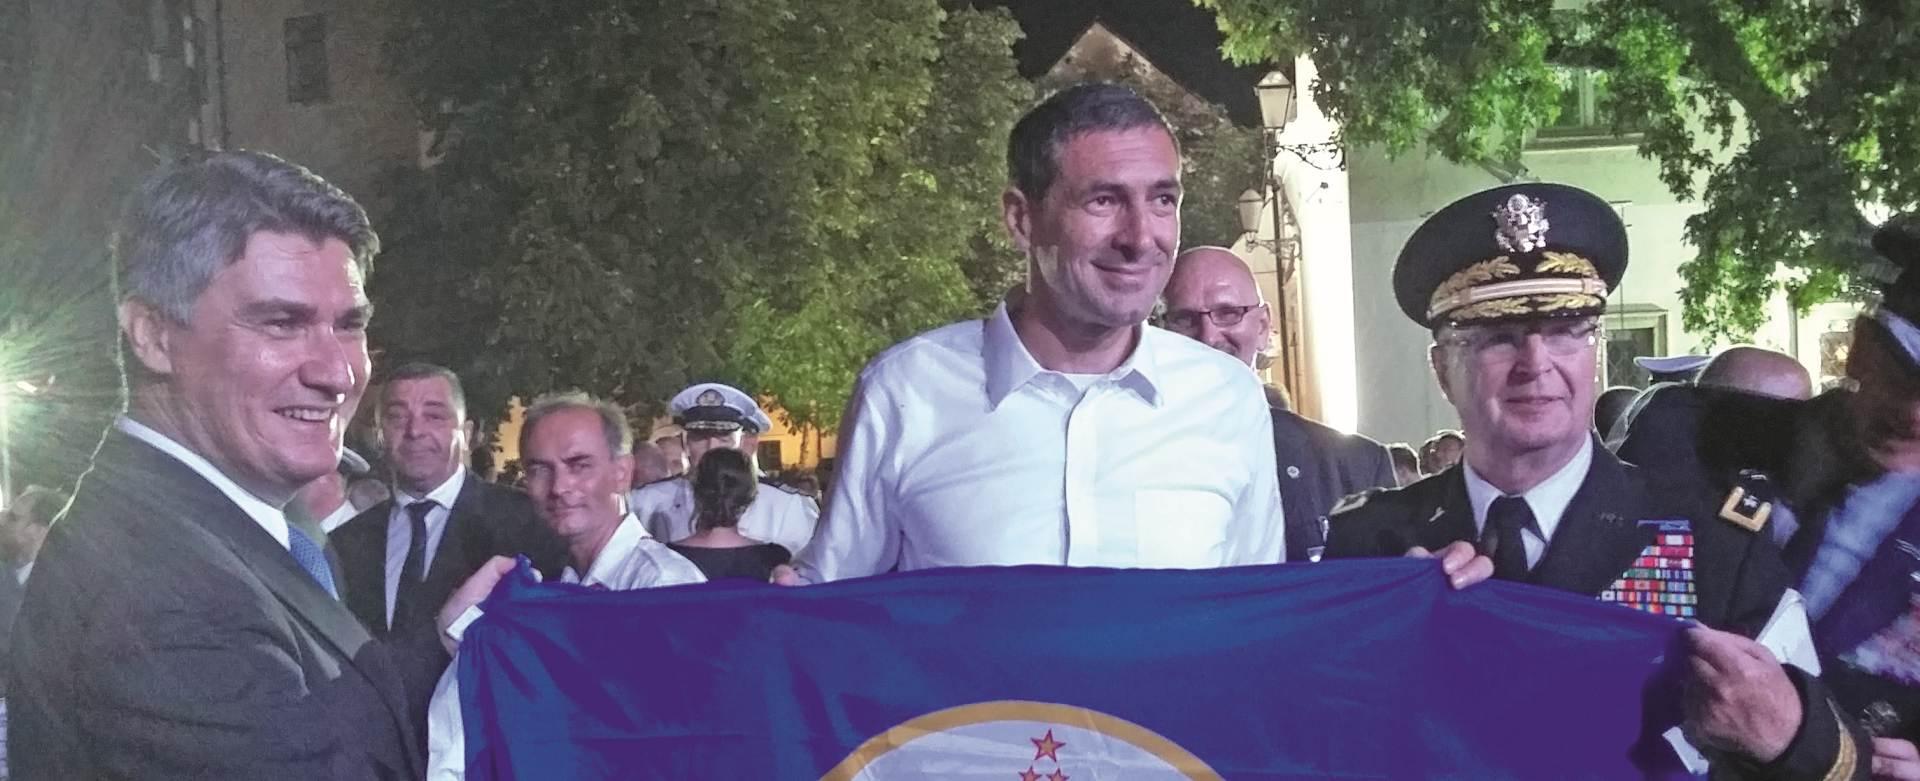 Američke pohvale Milanoviću i Kotoromanoviću za mimohod